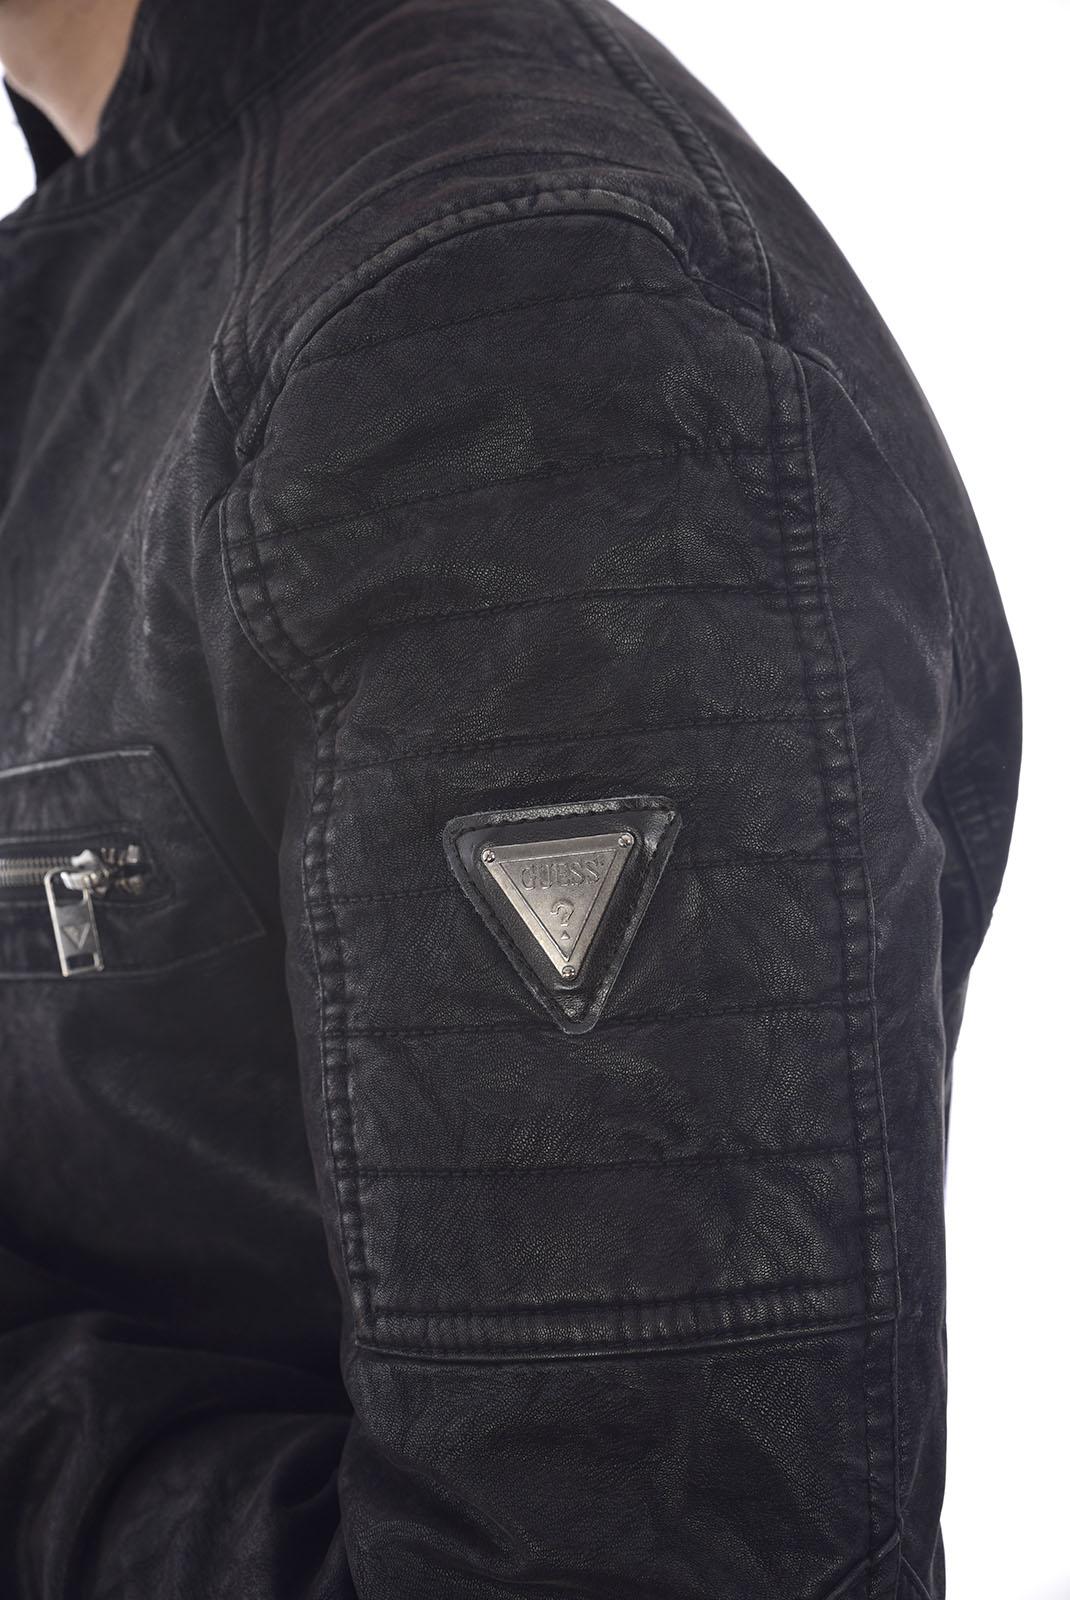 Blousons / doudounes  Guess jeans M84L20 WASO0 Jet Black A996